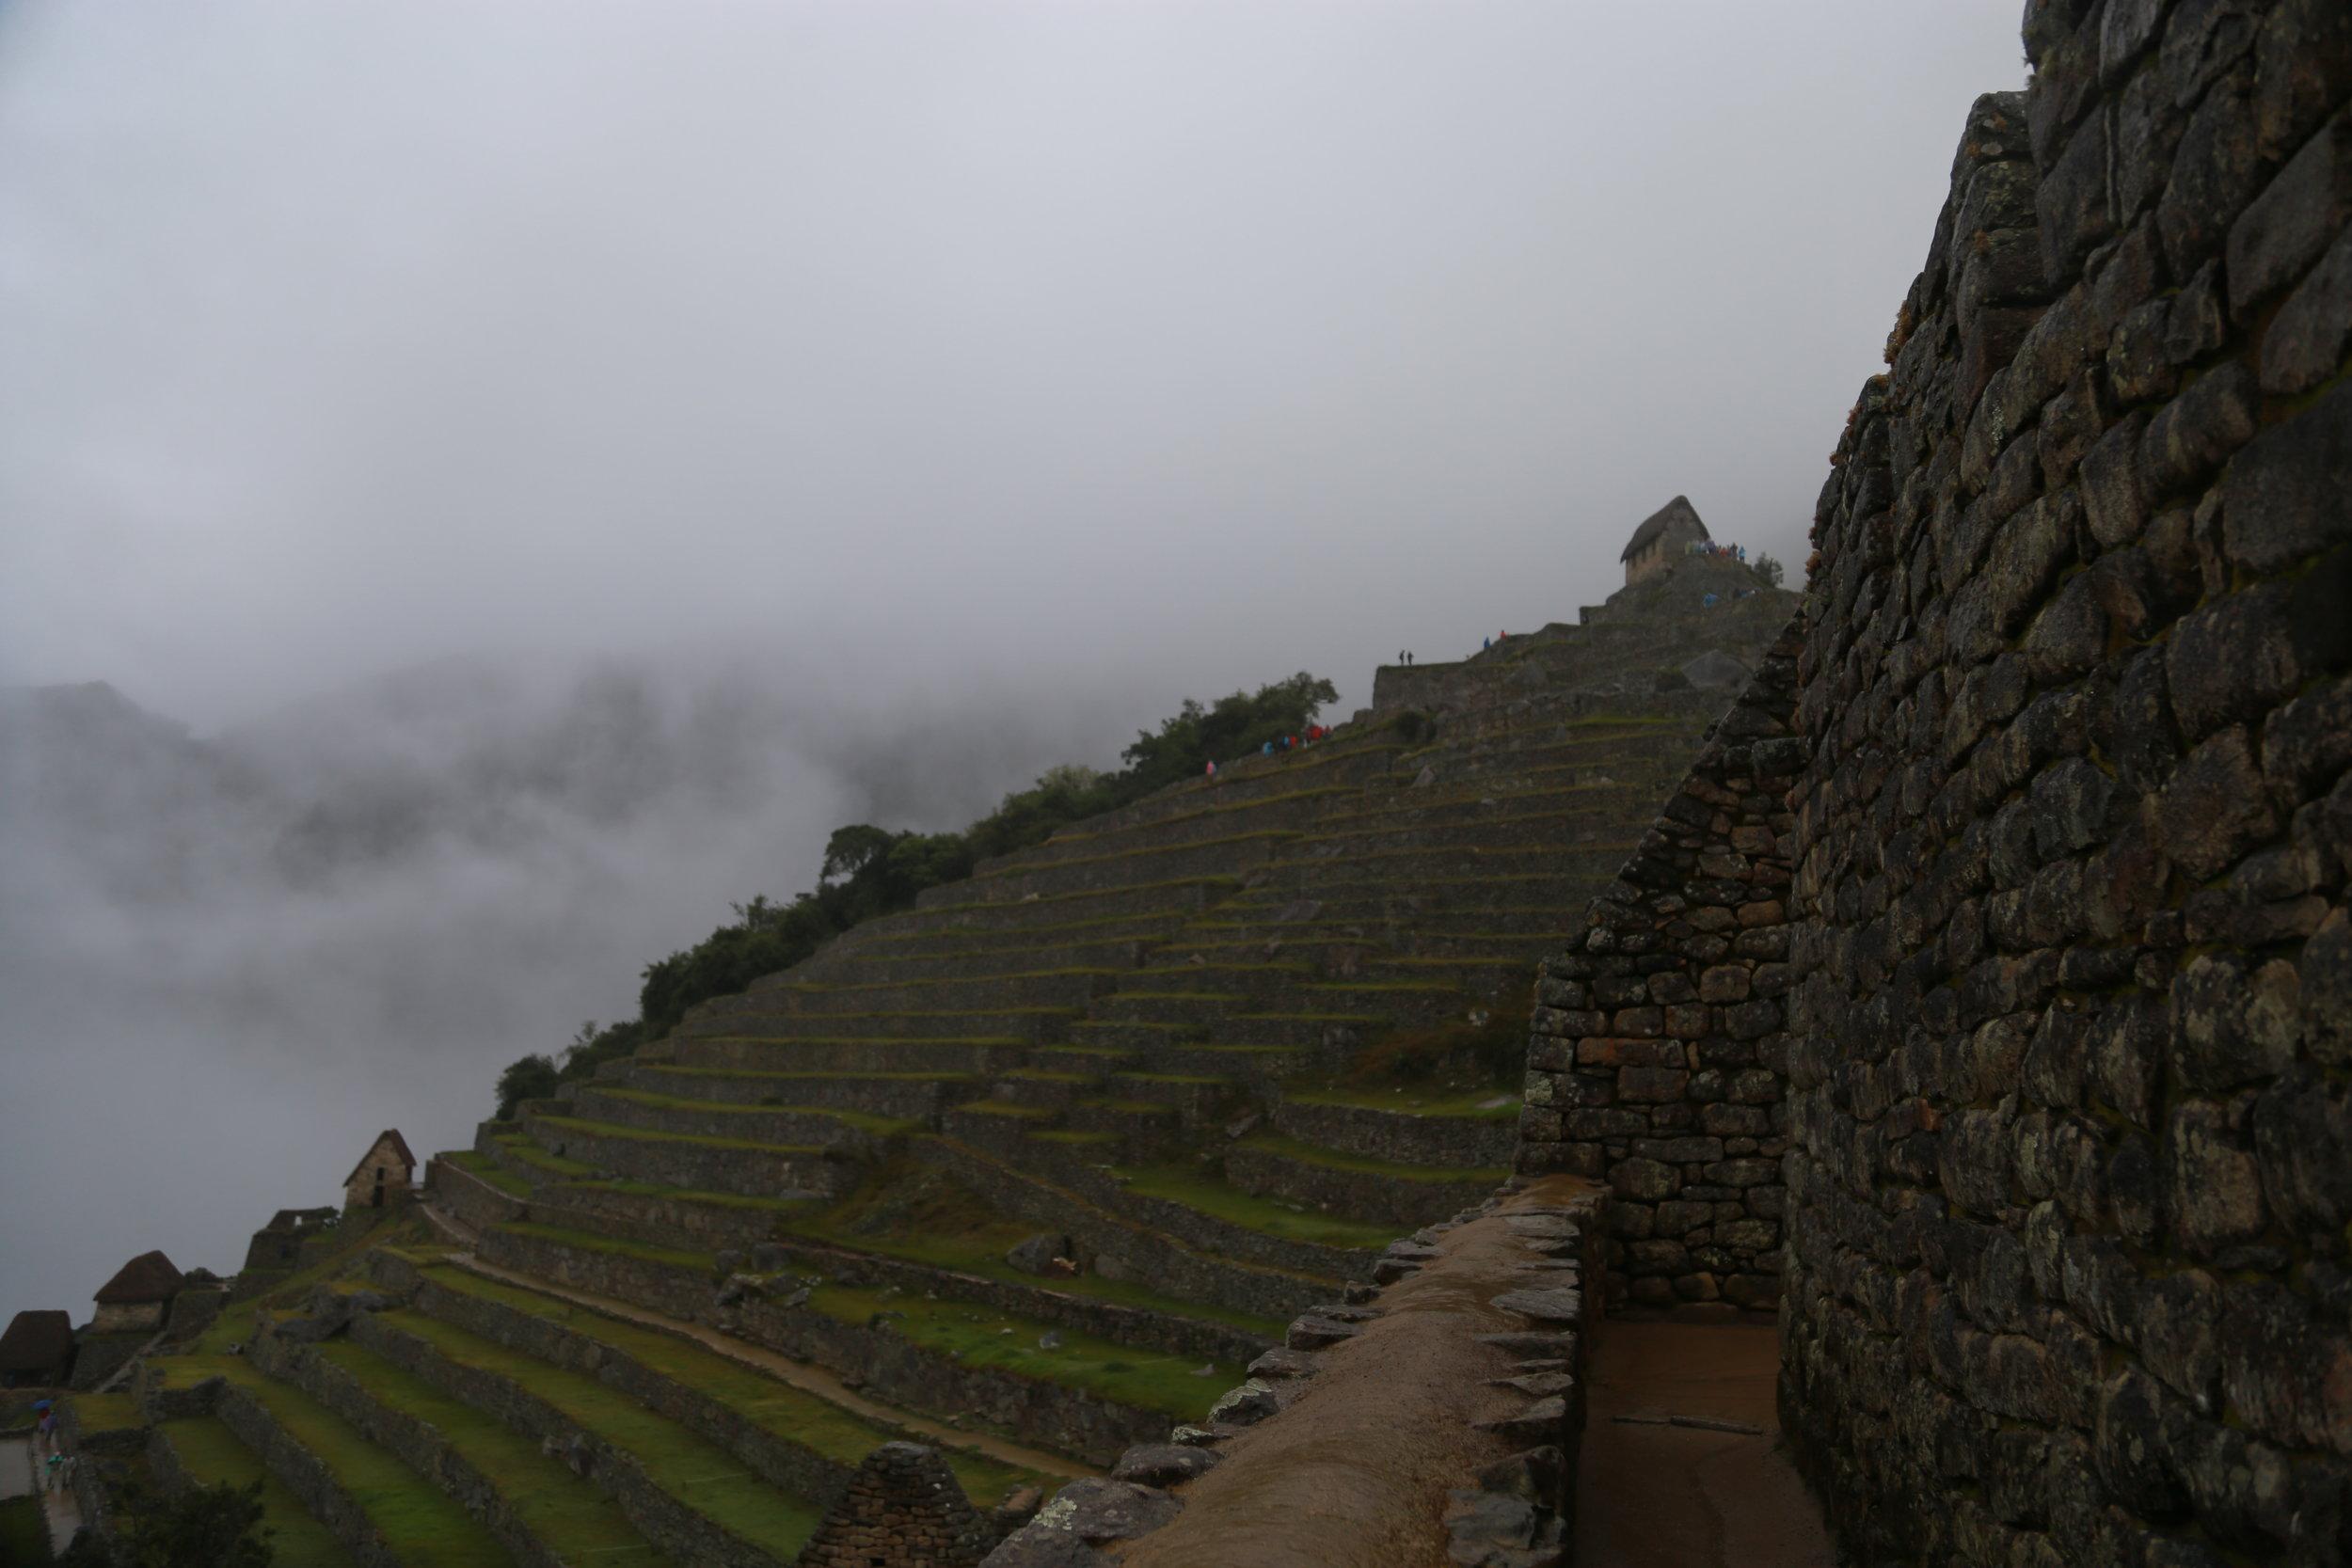 Machu Picchu and its many layers.